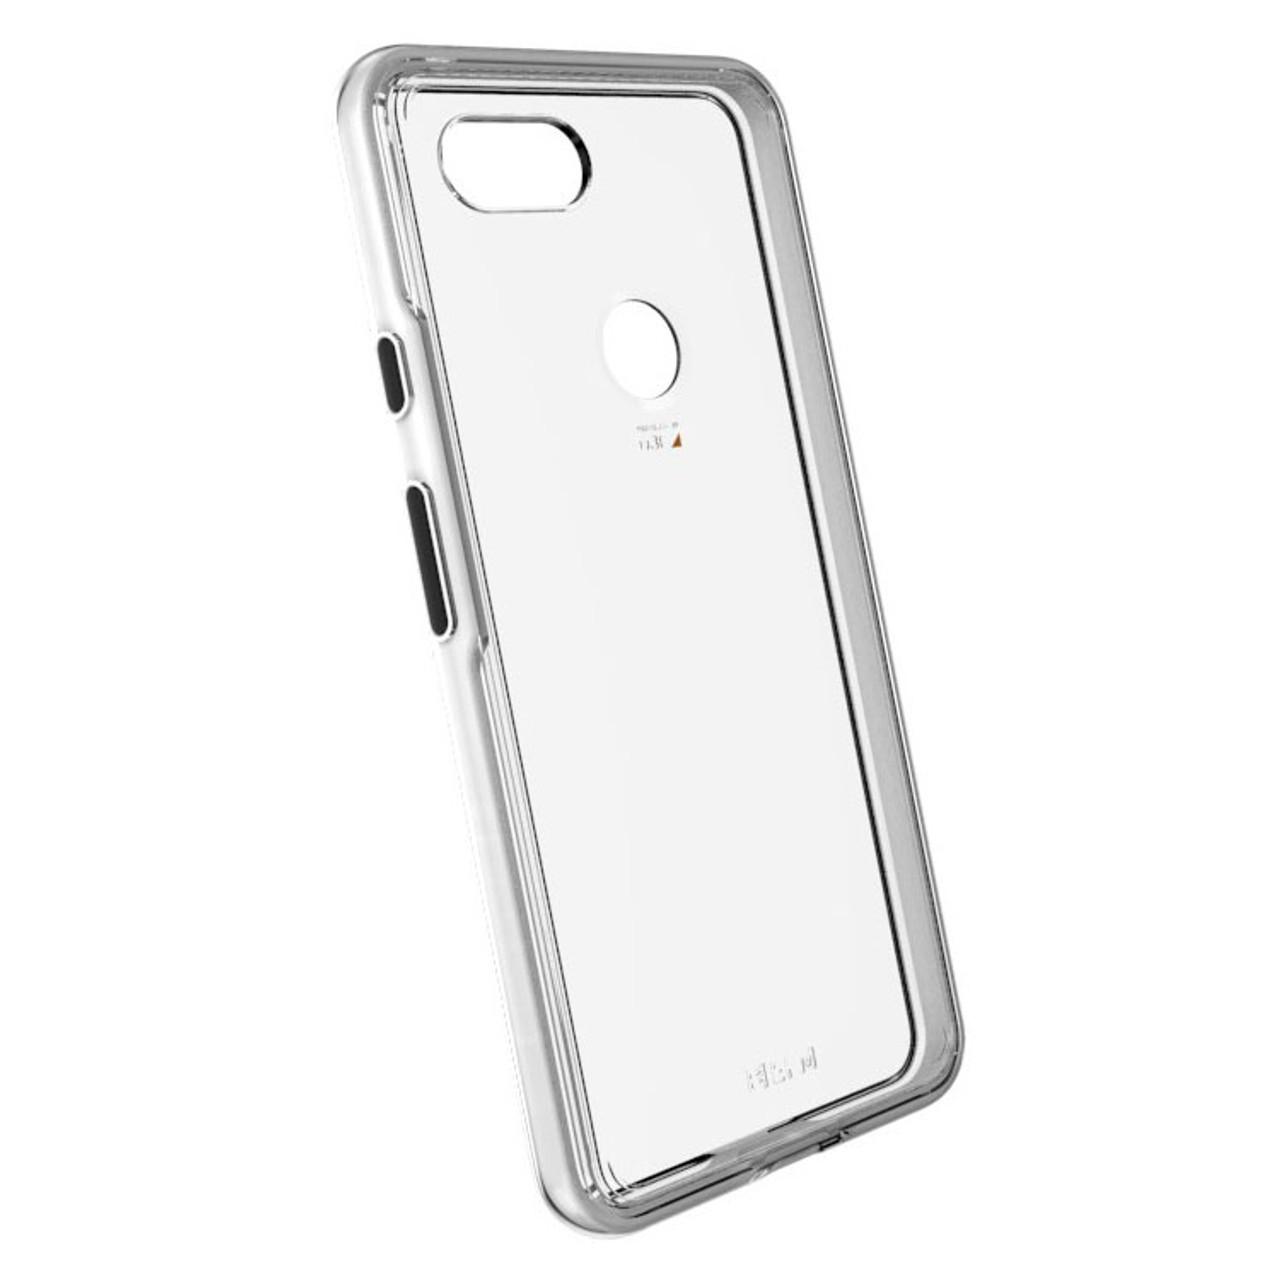 promo code d367d 7c791 EFM Aspen D3O Case Armour Google Pixel 3 XL - Clear/White